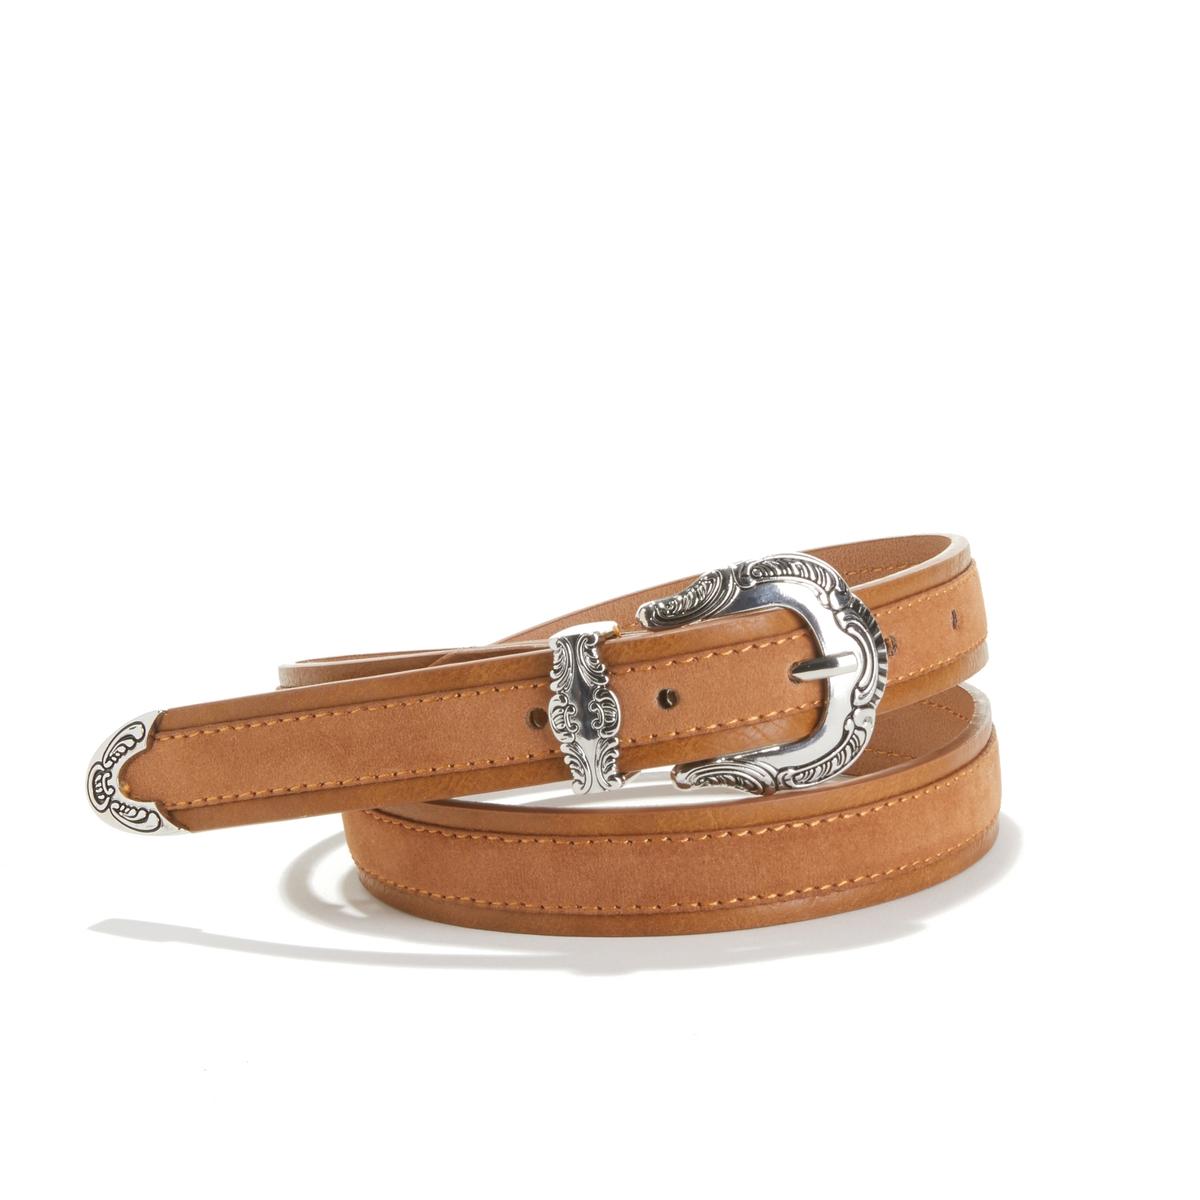 Cinturón estilo western